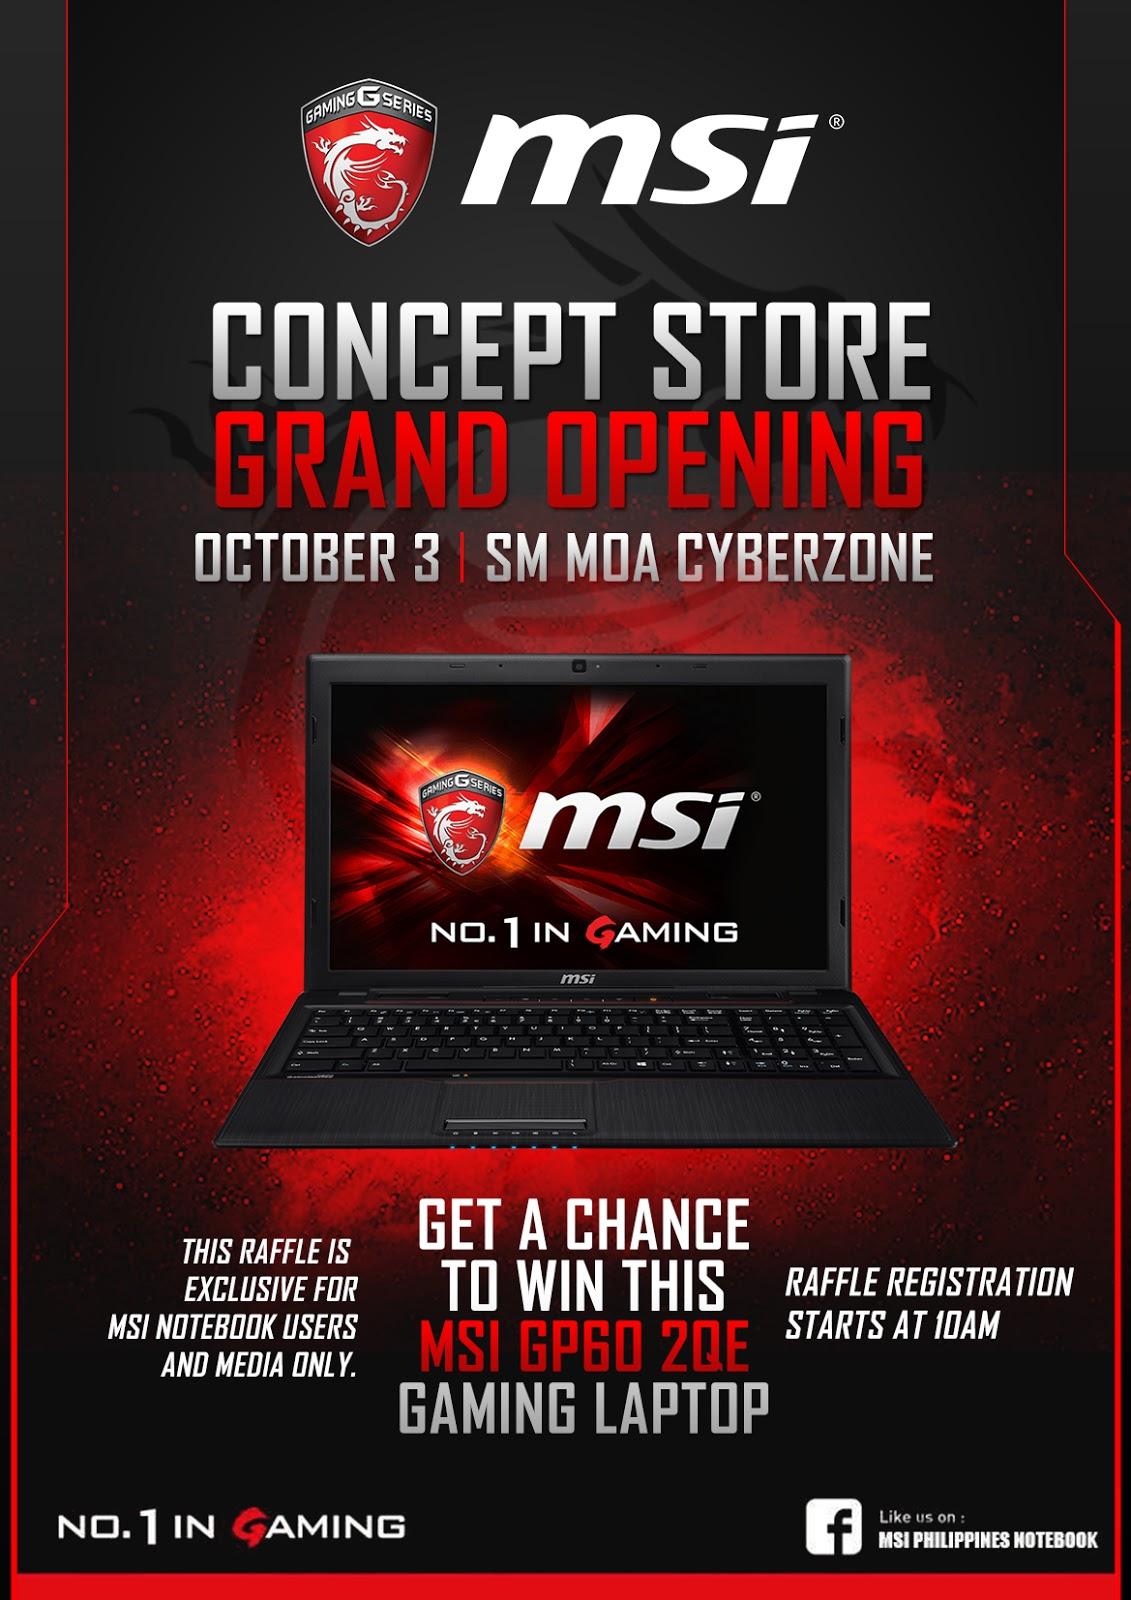 MSI Grand Opening